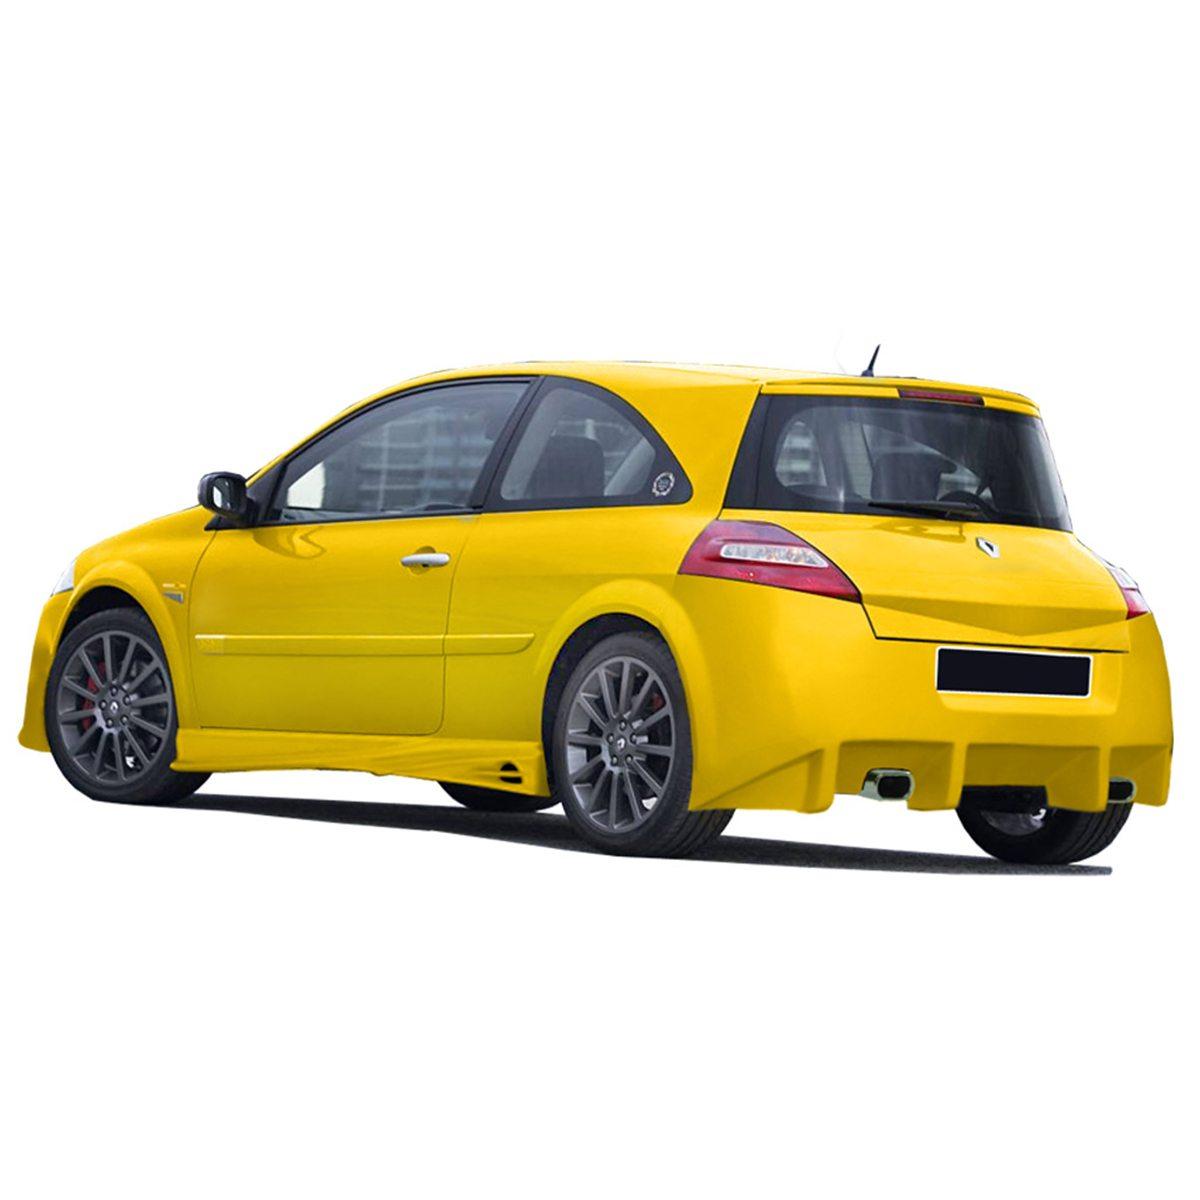 Renault-Megane-07-Shark-Tras-PCM046